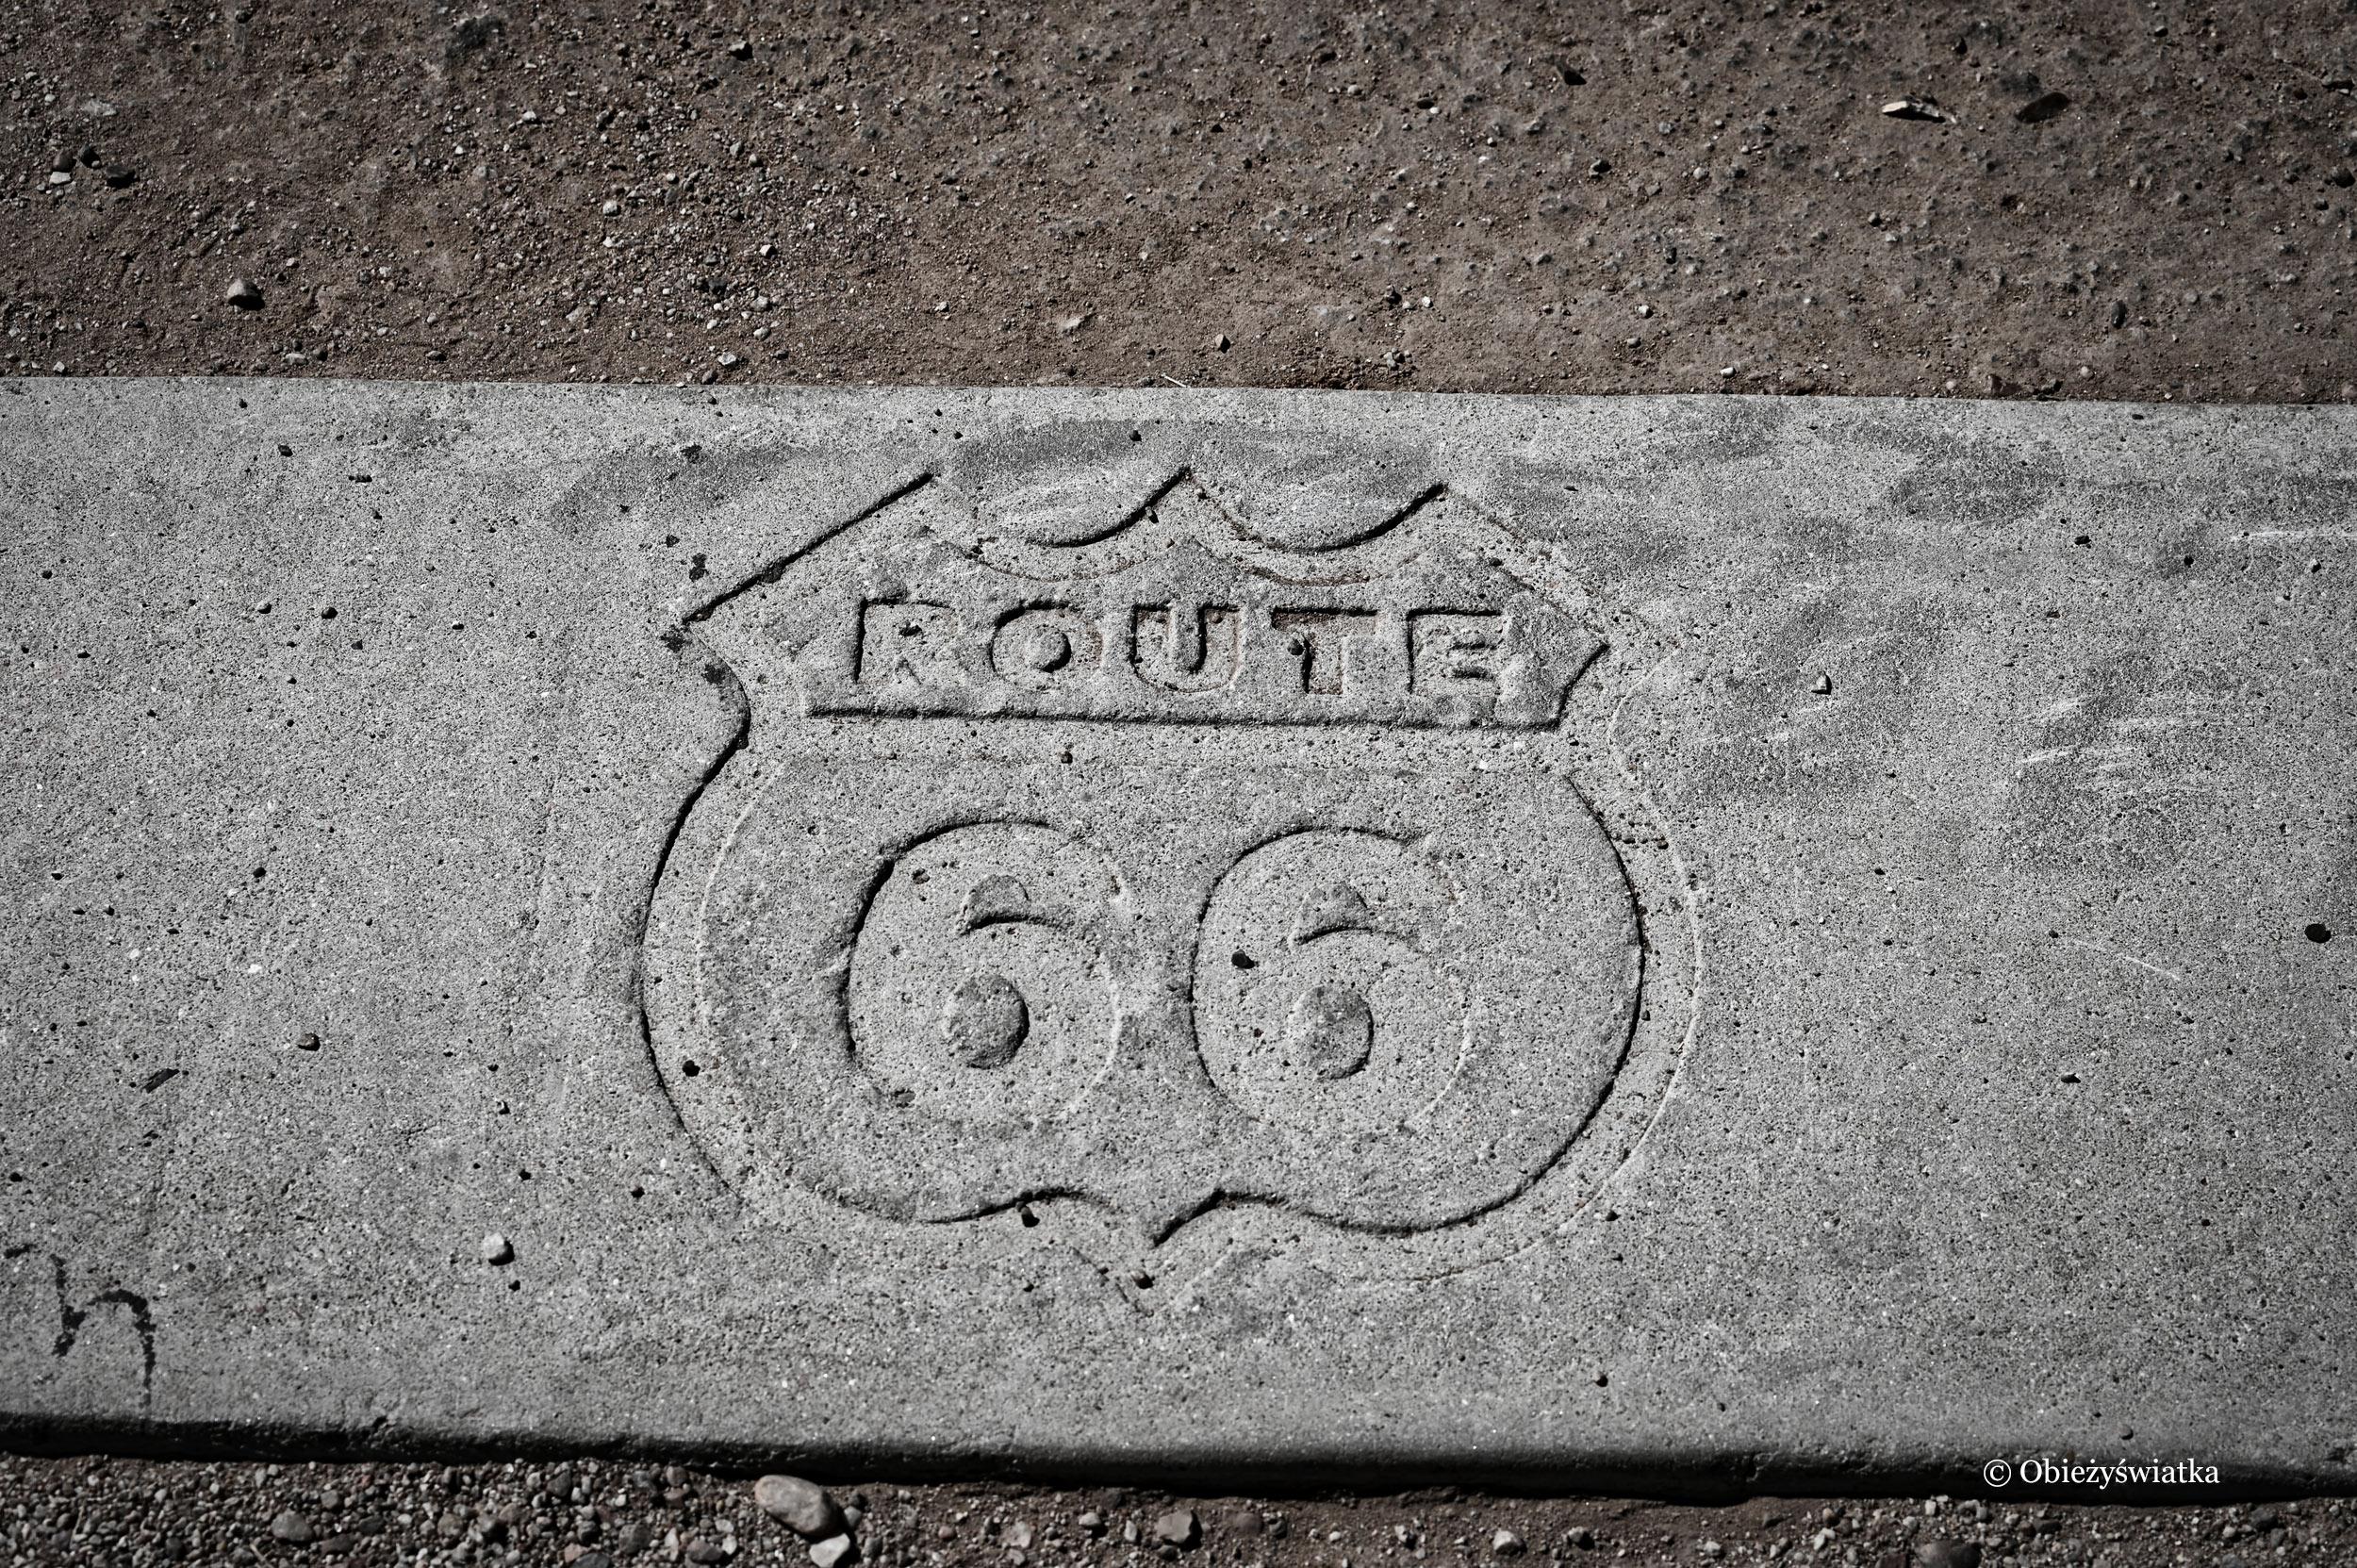 Route 66 w Parku Narodowym Skamieniałego Lasu - Petrified Forest National Park - to jedyny park narodowy, przez który przebiegała wcześniej Route 66